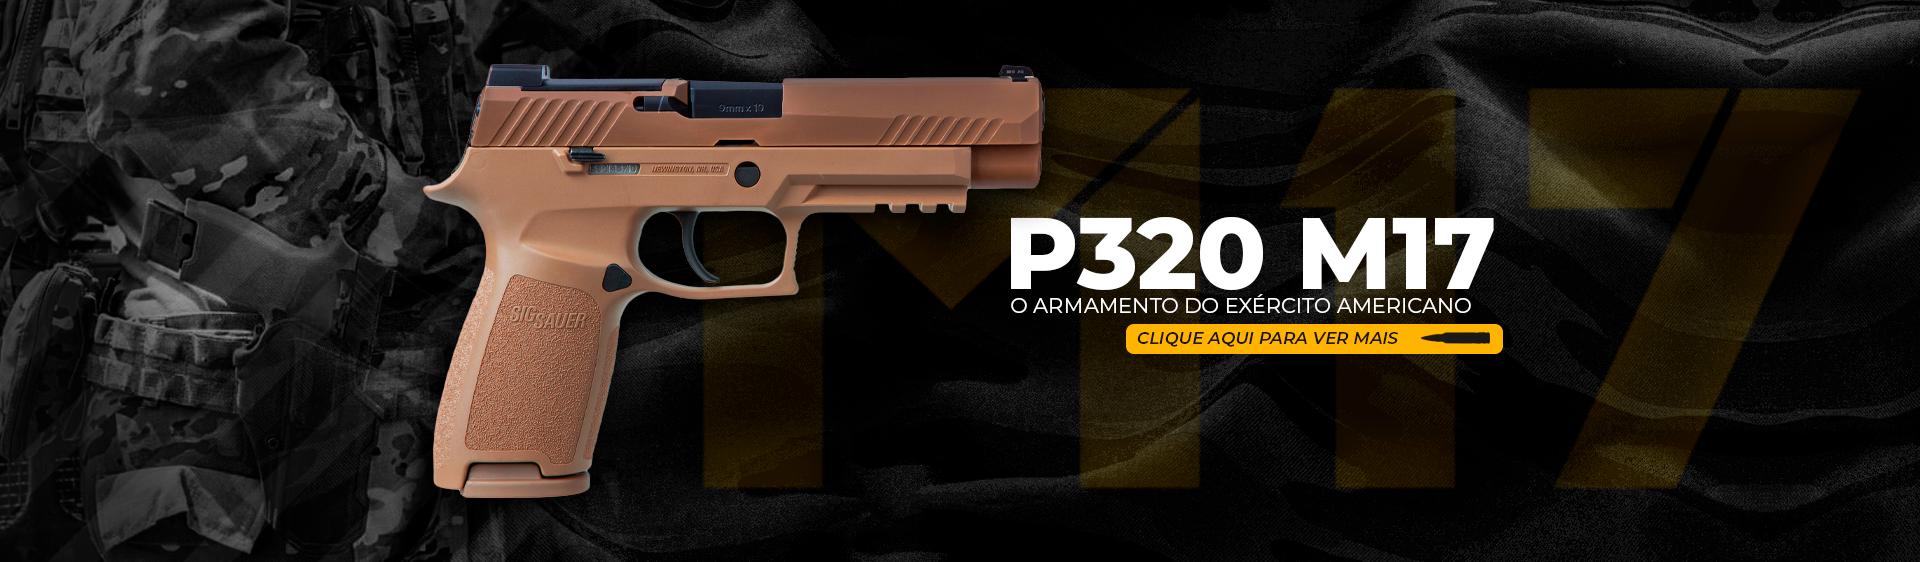 P320 M17